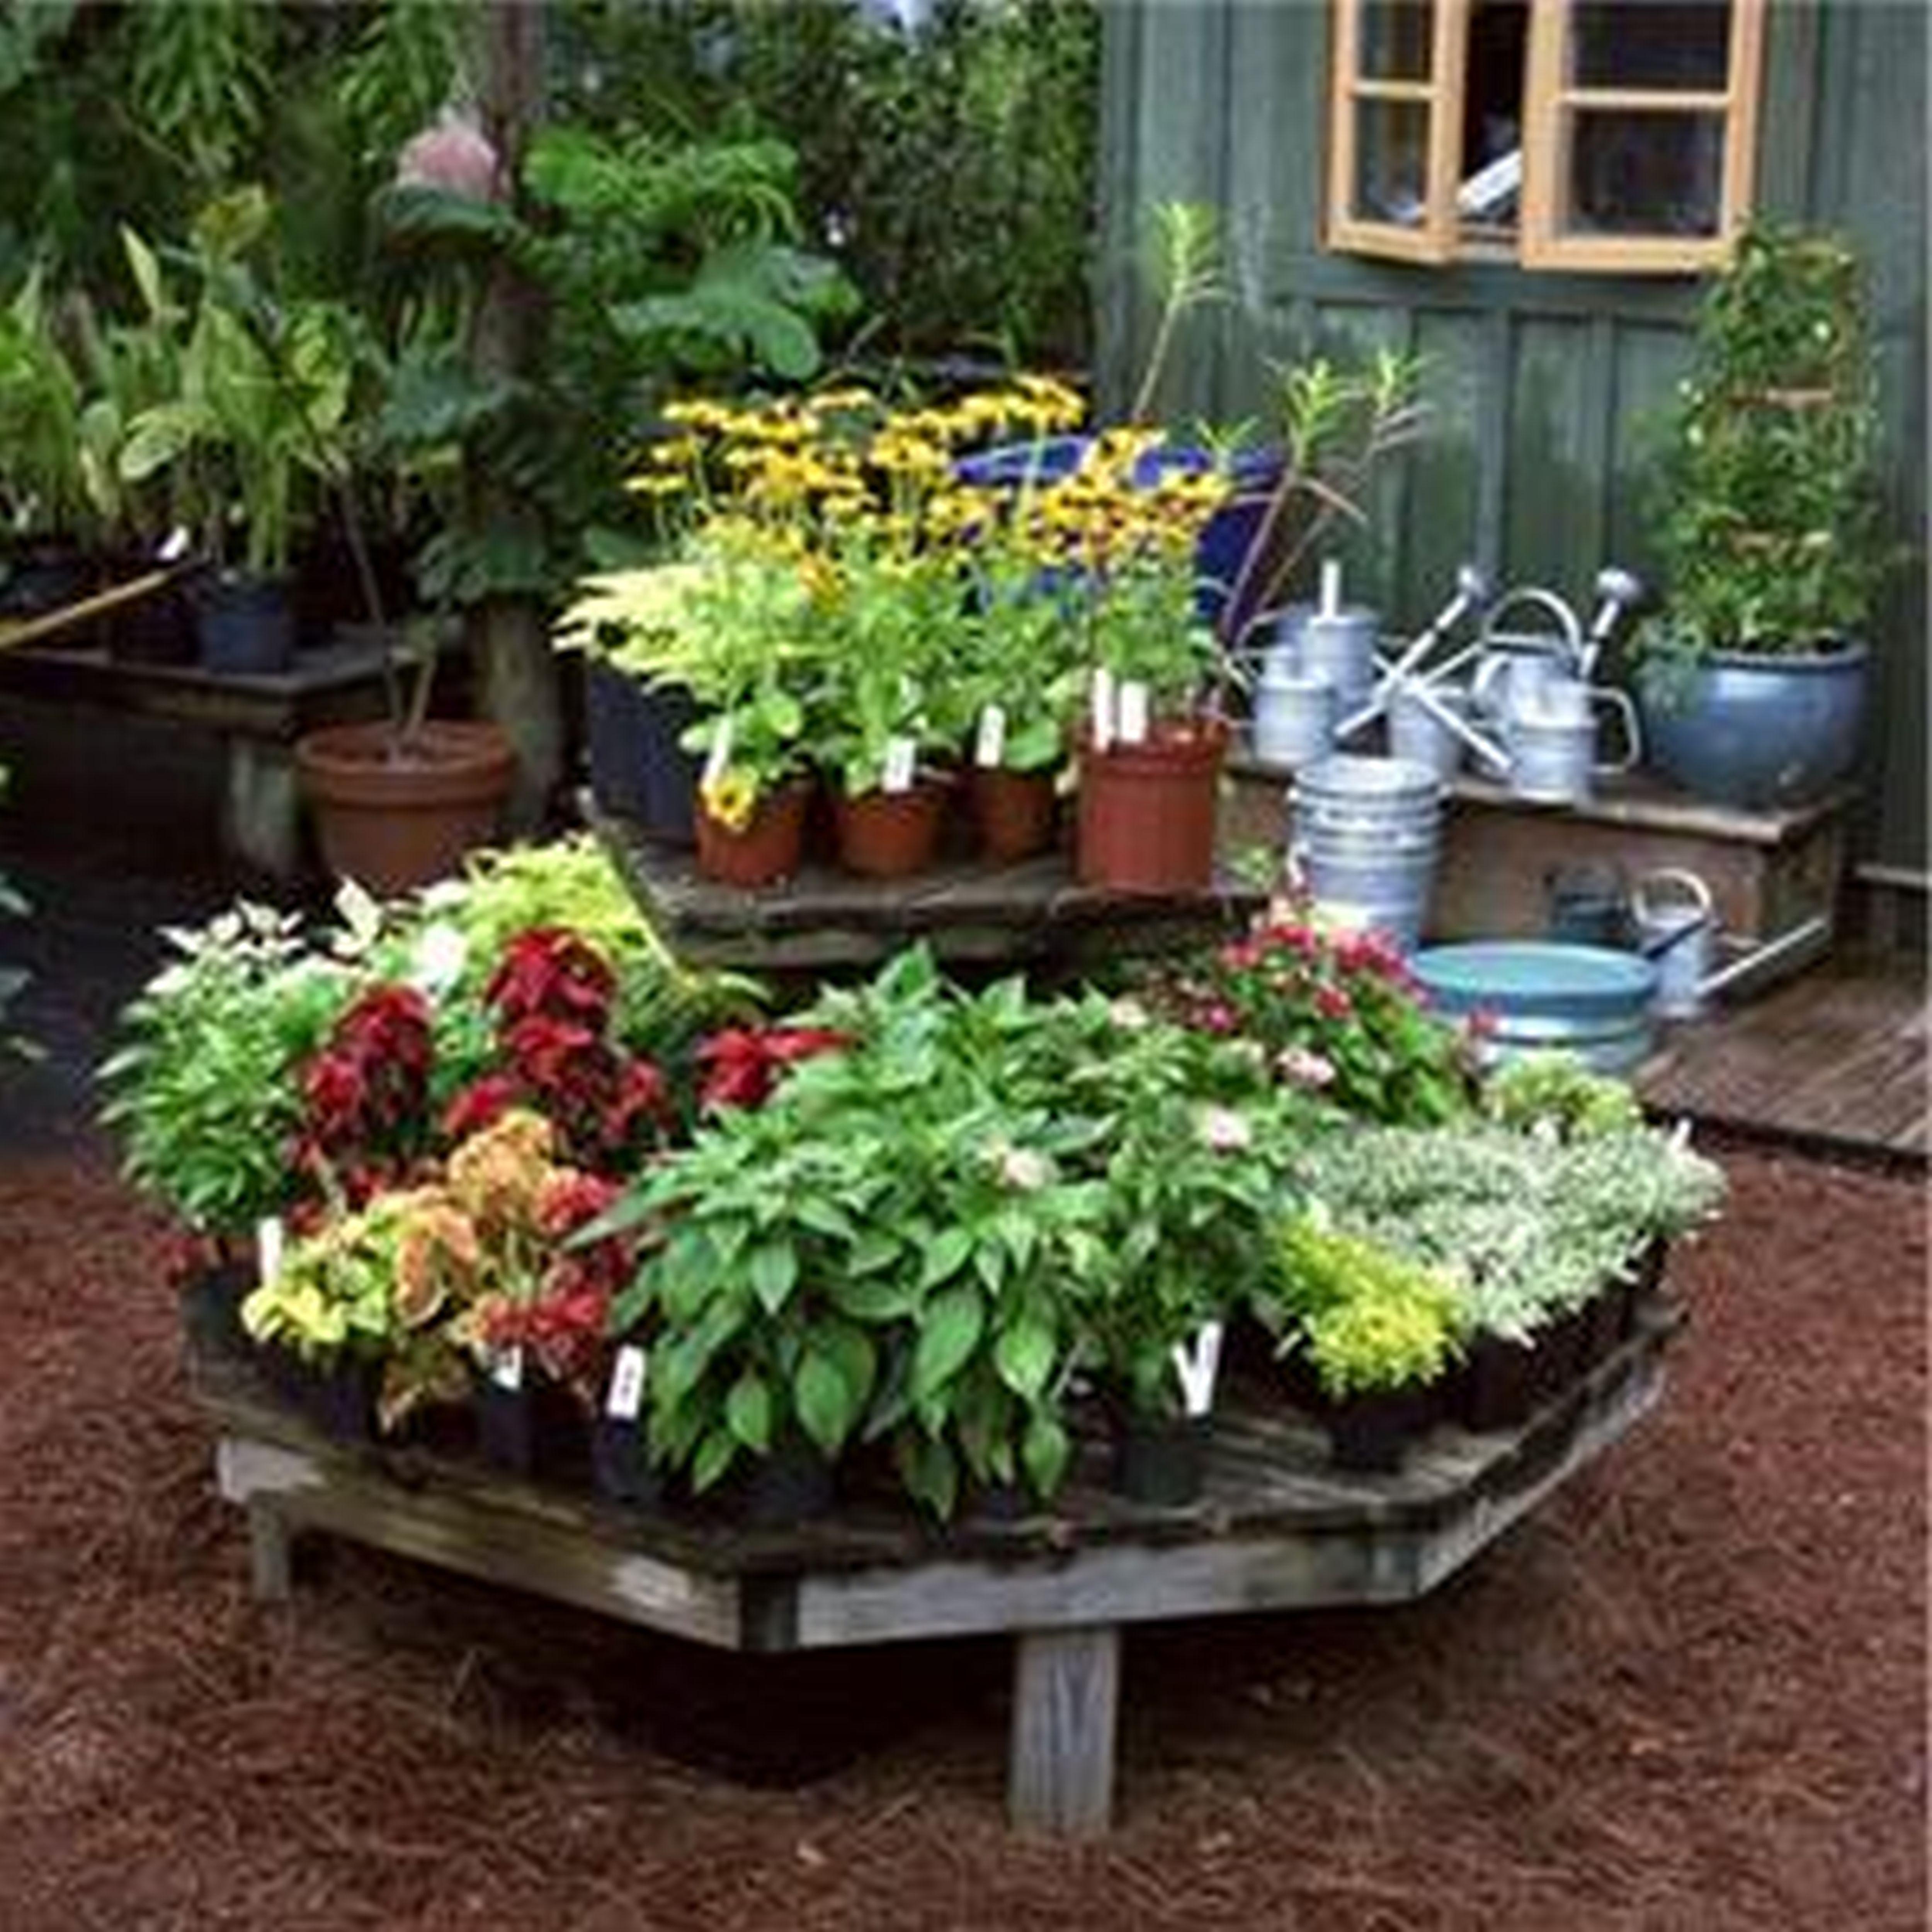 Planning A Flower Garden For Beginners Flowers Ideas